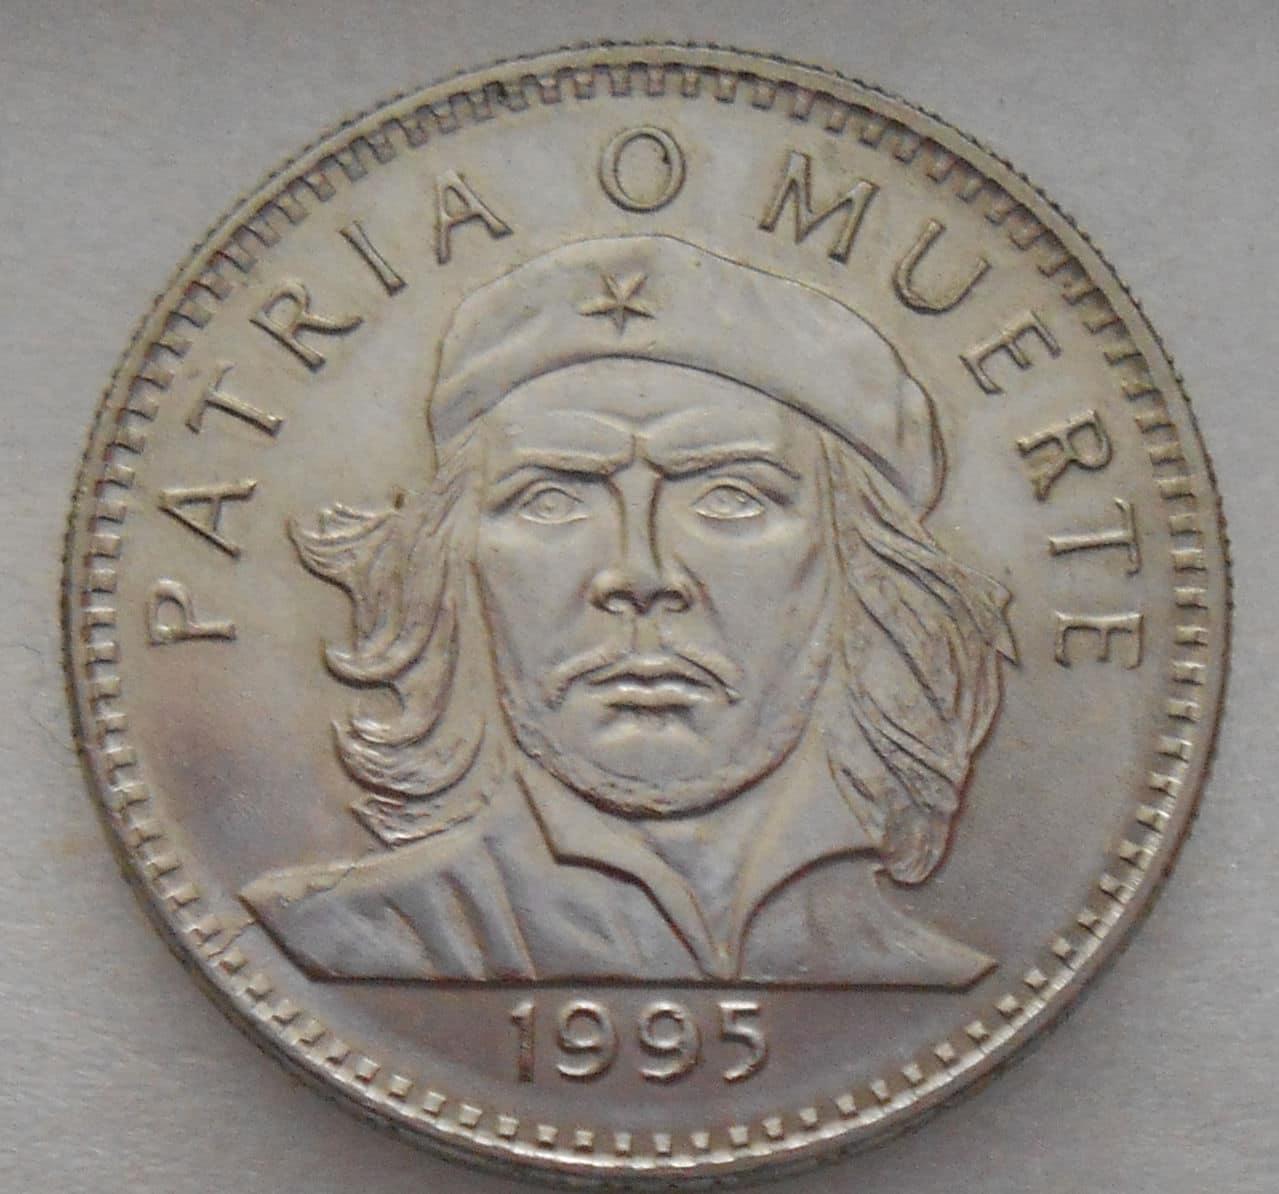 3 pesos Cuba año 1995 - Che Guevara 3_pesos_1995_anv